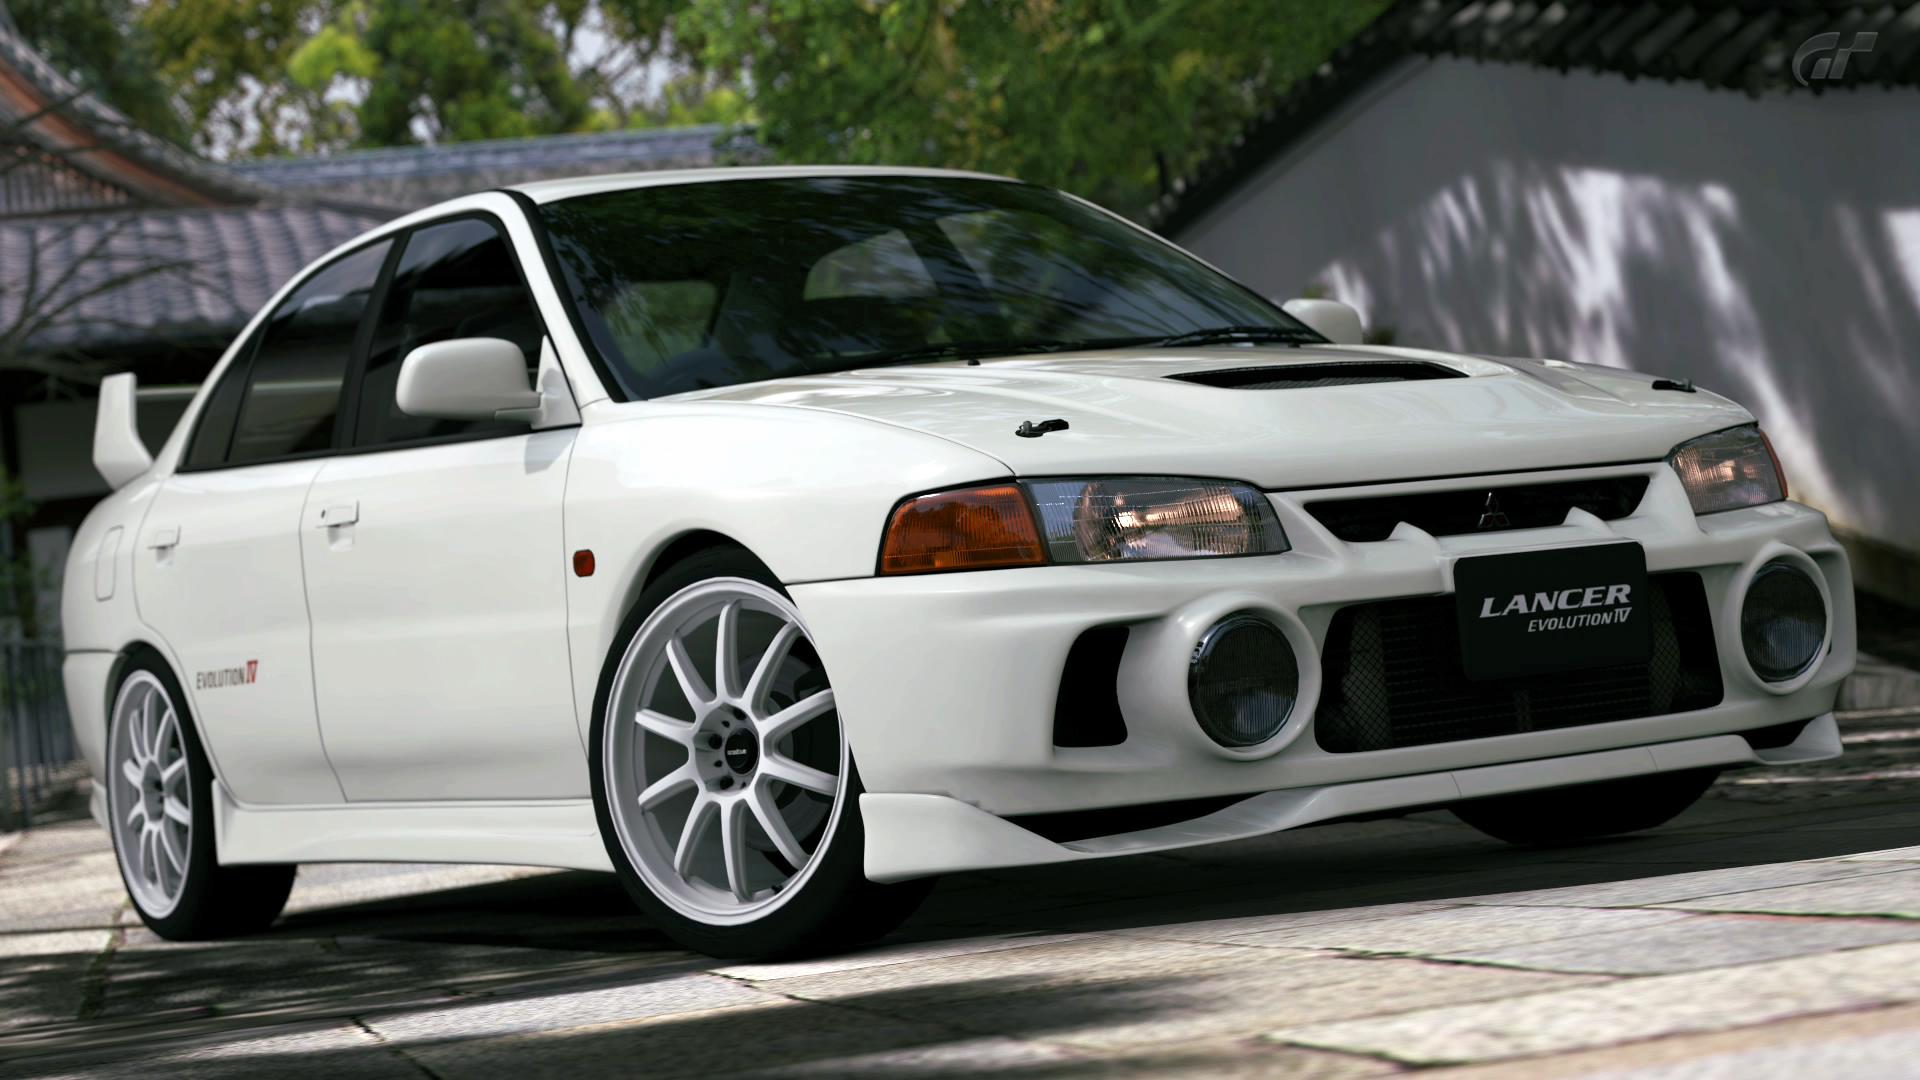 Wallpaper Mitsubishi Lancer Evolution